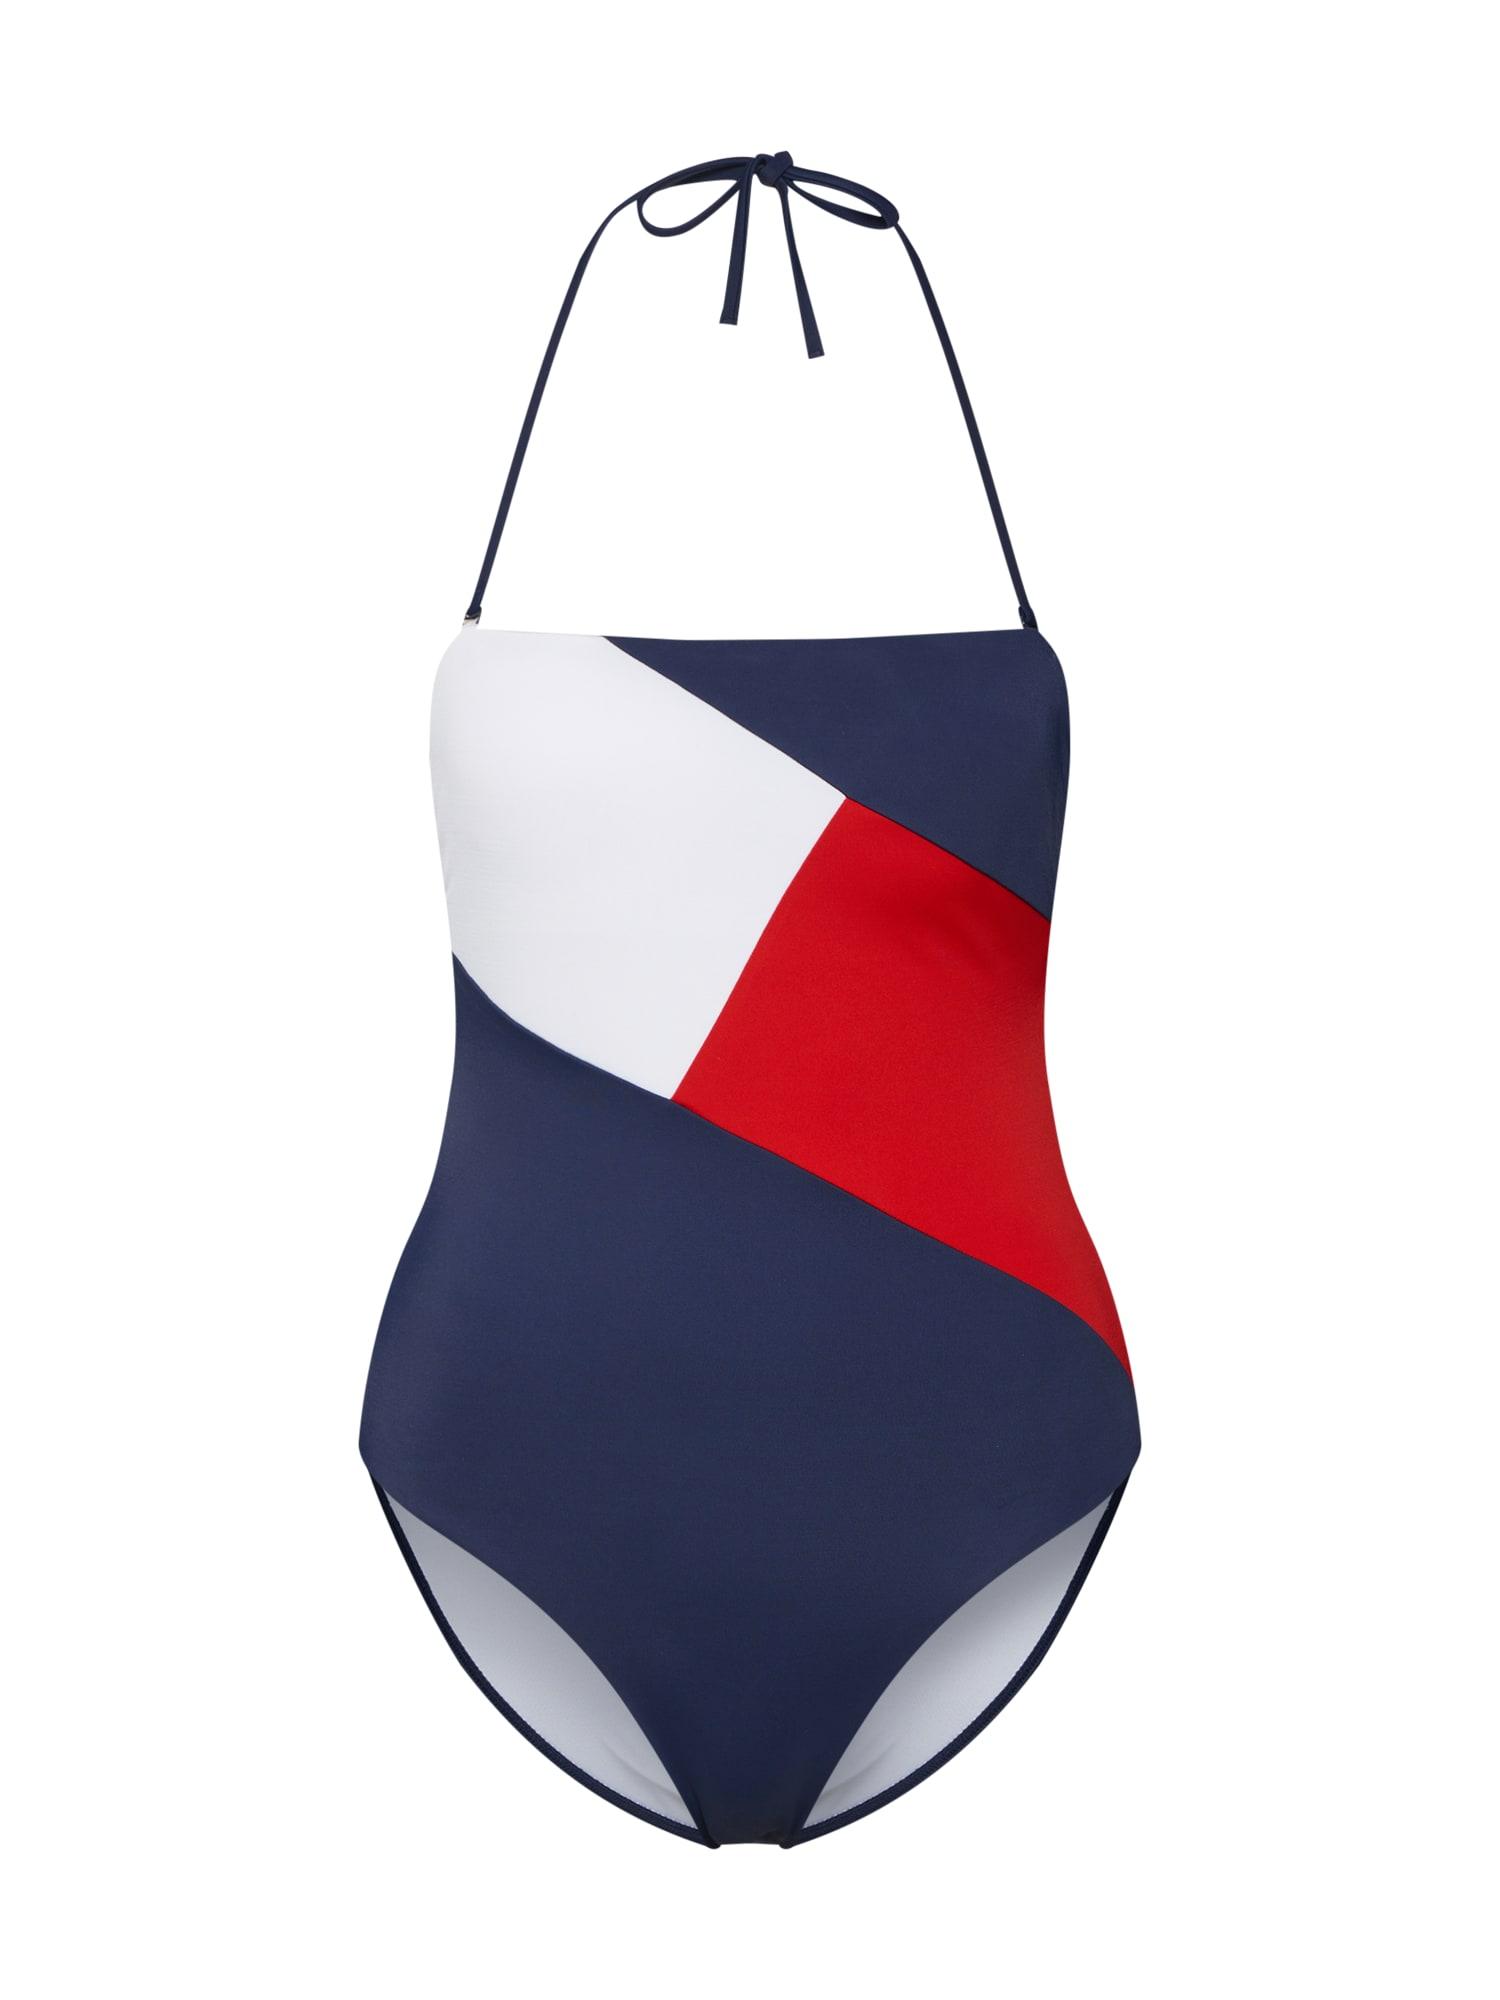 Plavky BANDEAU ONE-PIECE RP námořnická modř červená bílá Tommy Hilfiger Underwear